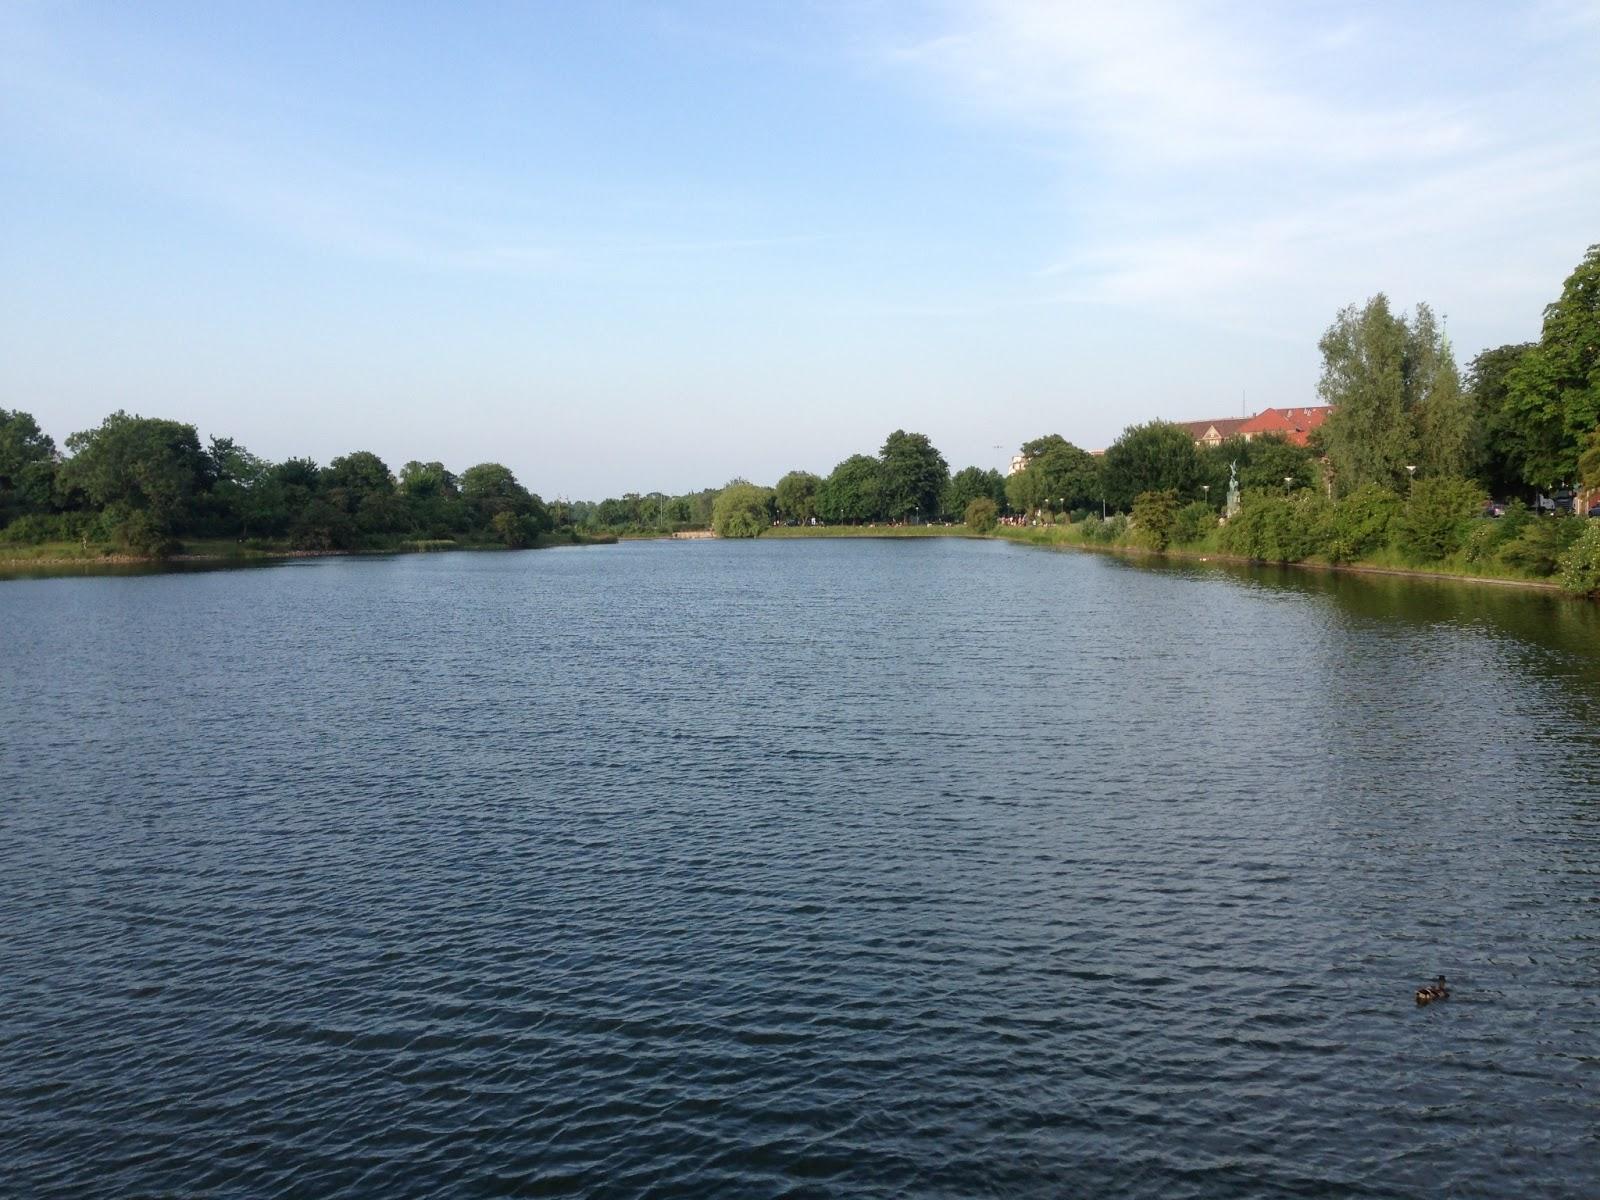 vand, sø, vold, bryggen, islands brygge, christians havn, svane, natur, gåtur, sommer, sol, dyreliv, idyl